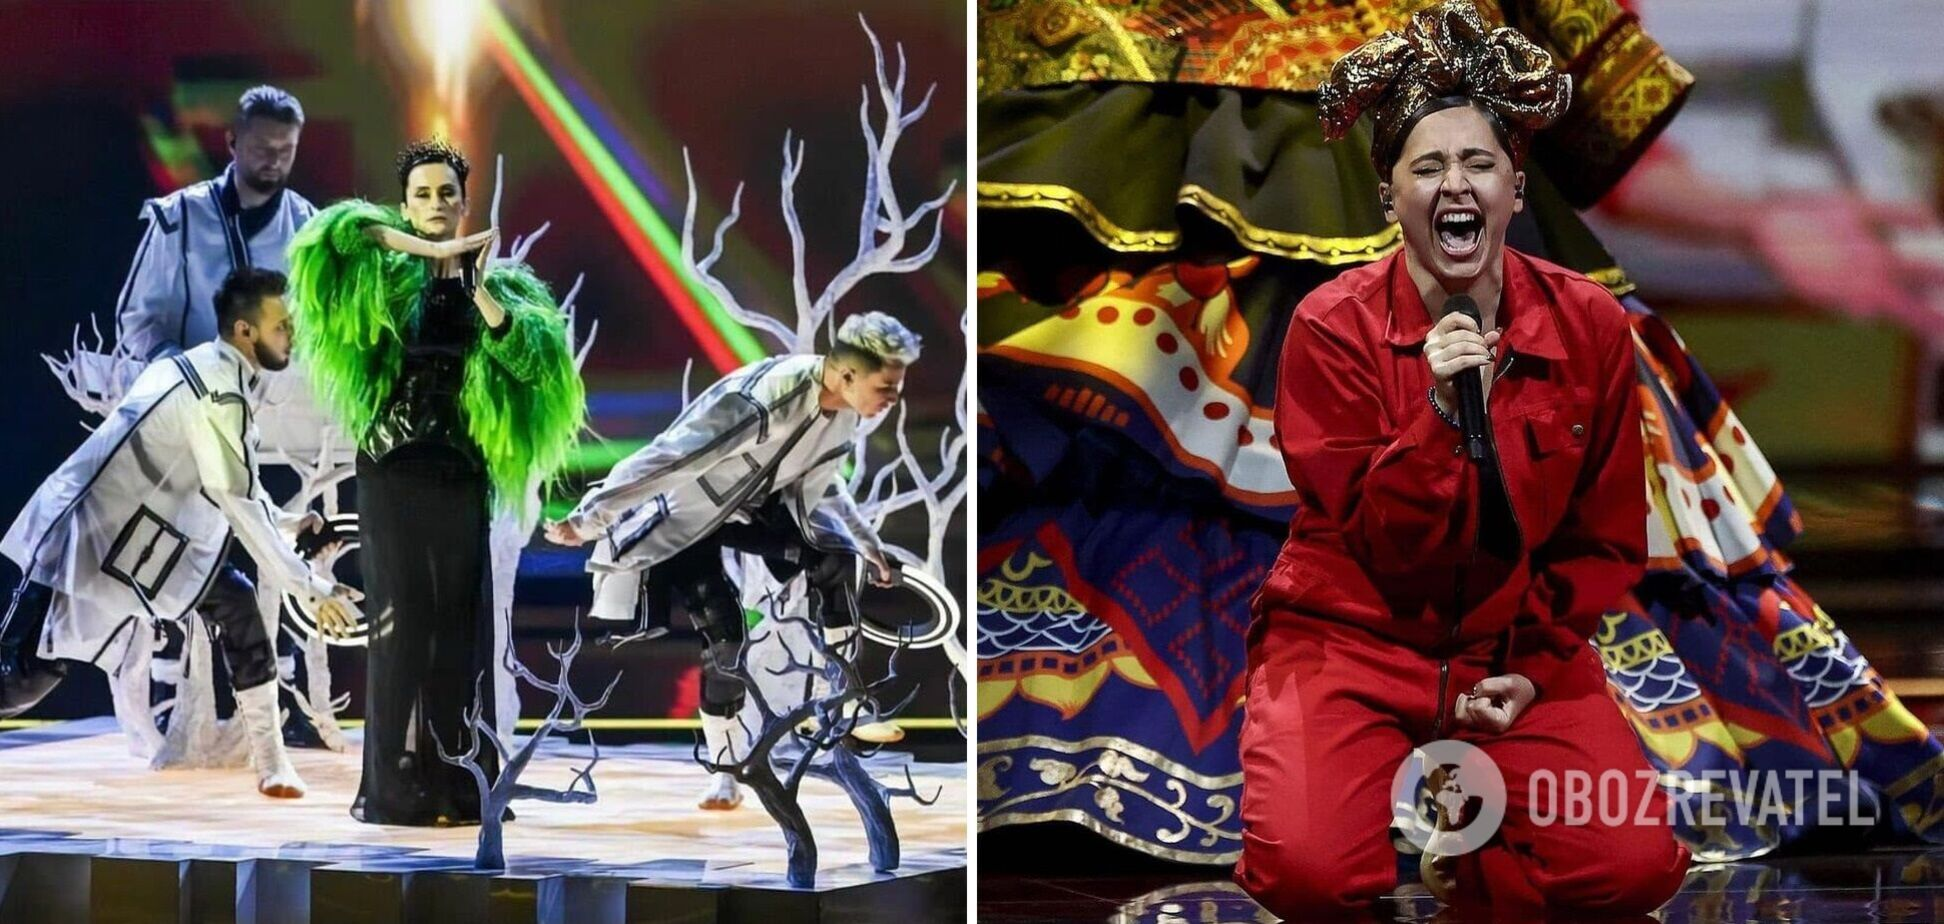 Manizha підтримала виступ Go-A на Євробаченні 2021 запальним танцем